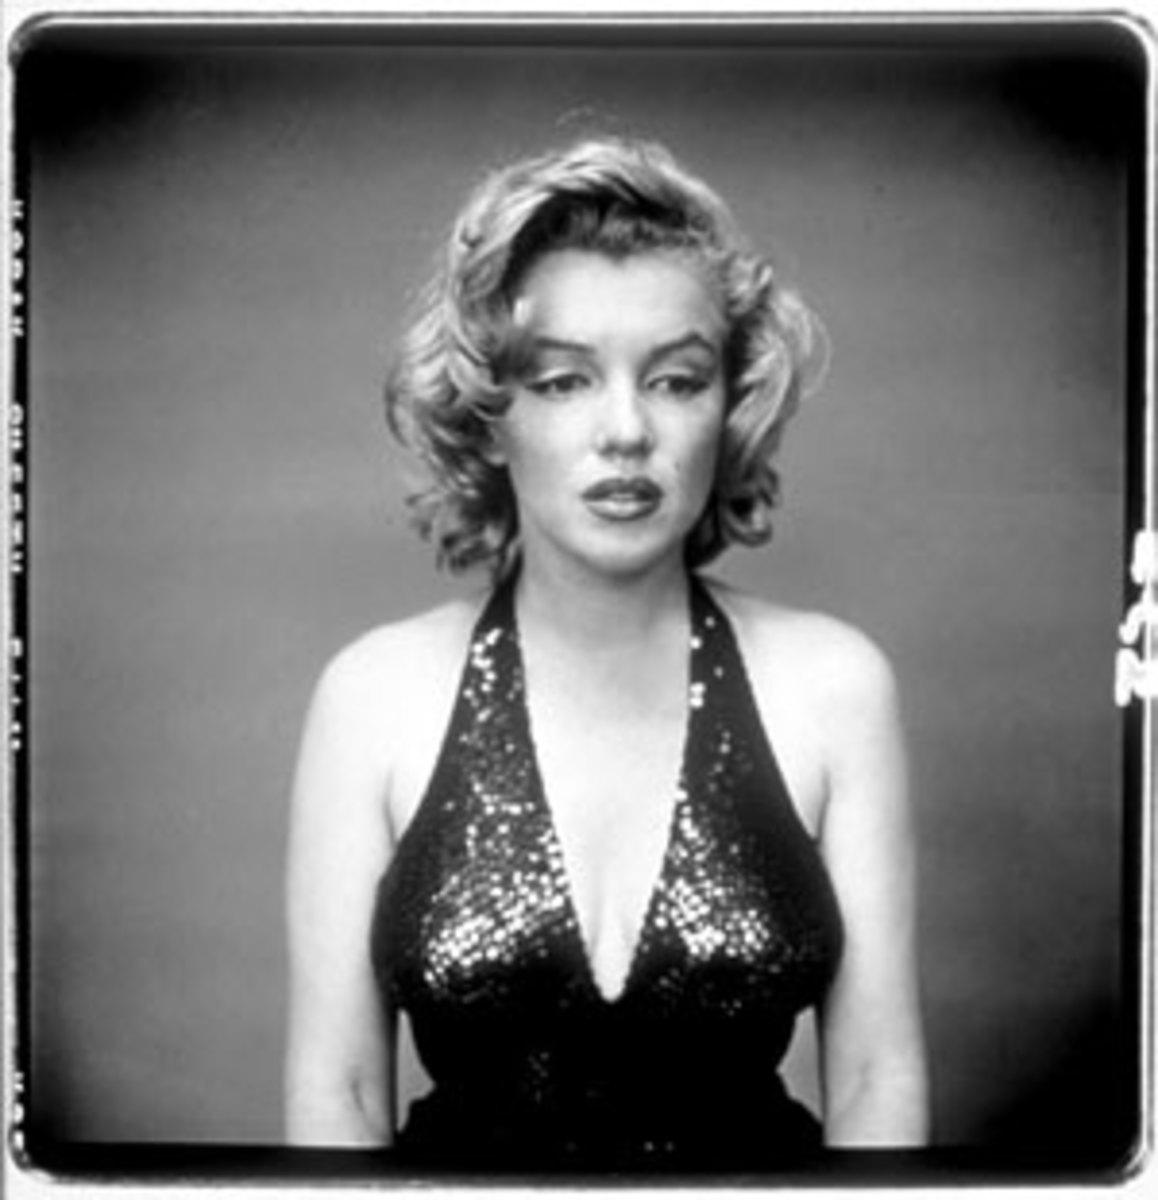 """""""MARILYN MONROE"""" BY RICHARD AVEDON IN 1957"""